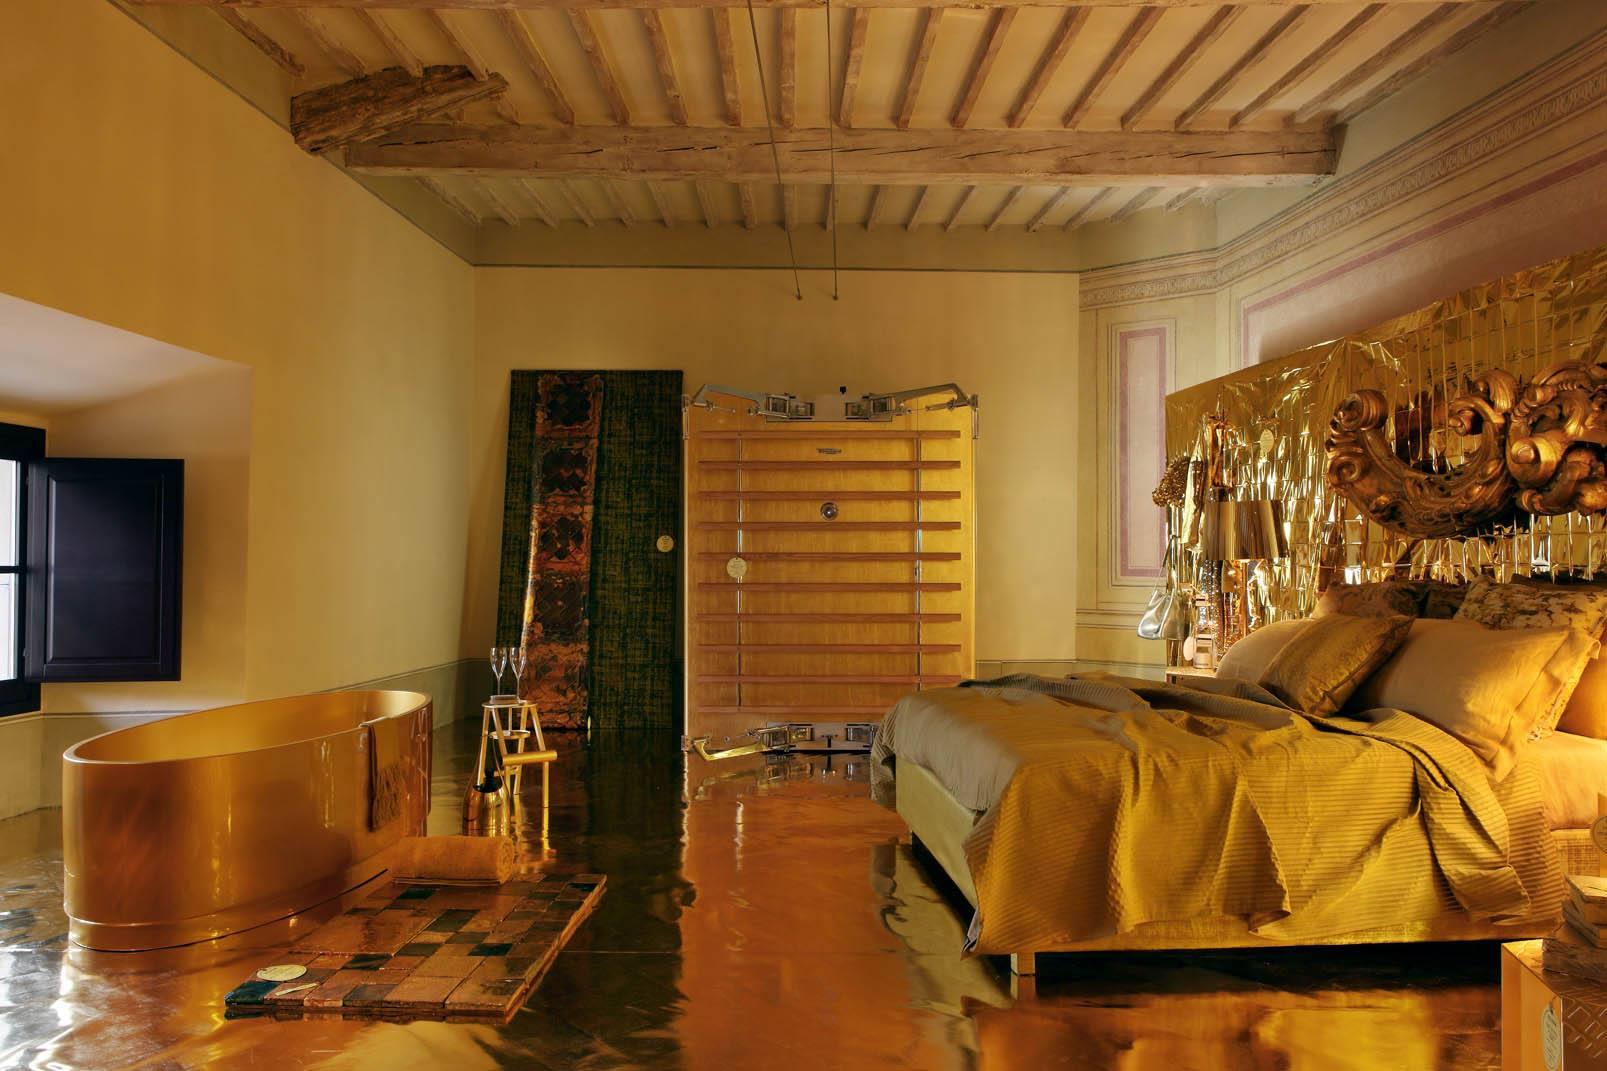 Ванная и спальная комнаты, совмещённые в золотом интерьере